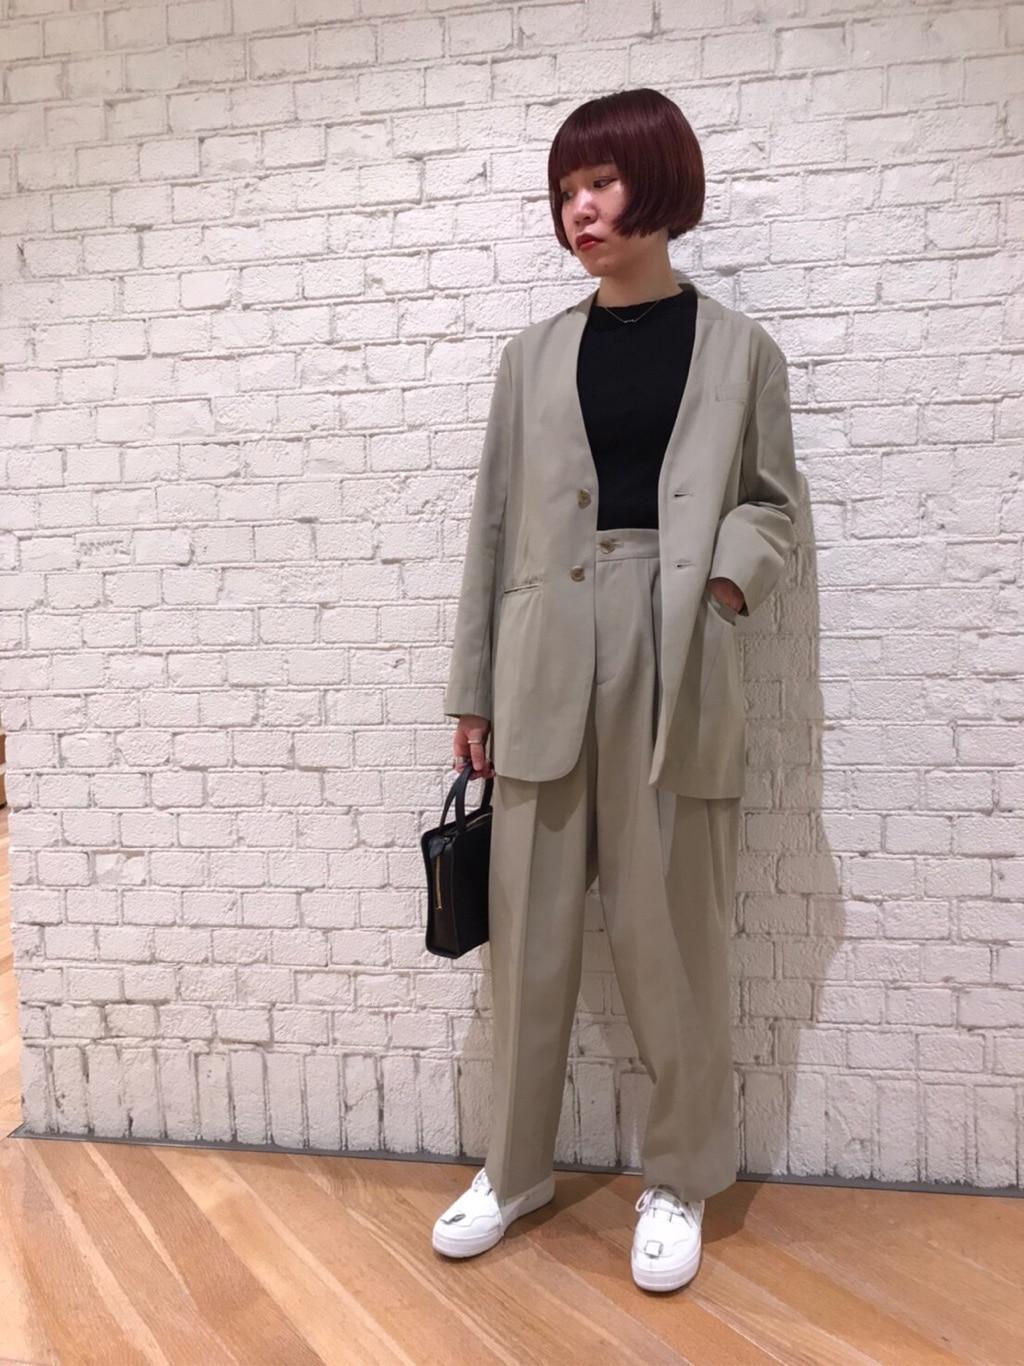 l'atelier du savon 東京スカイツリータウン・ソラマチ 身長:162cm 2020.06.12